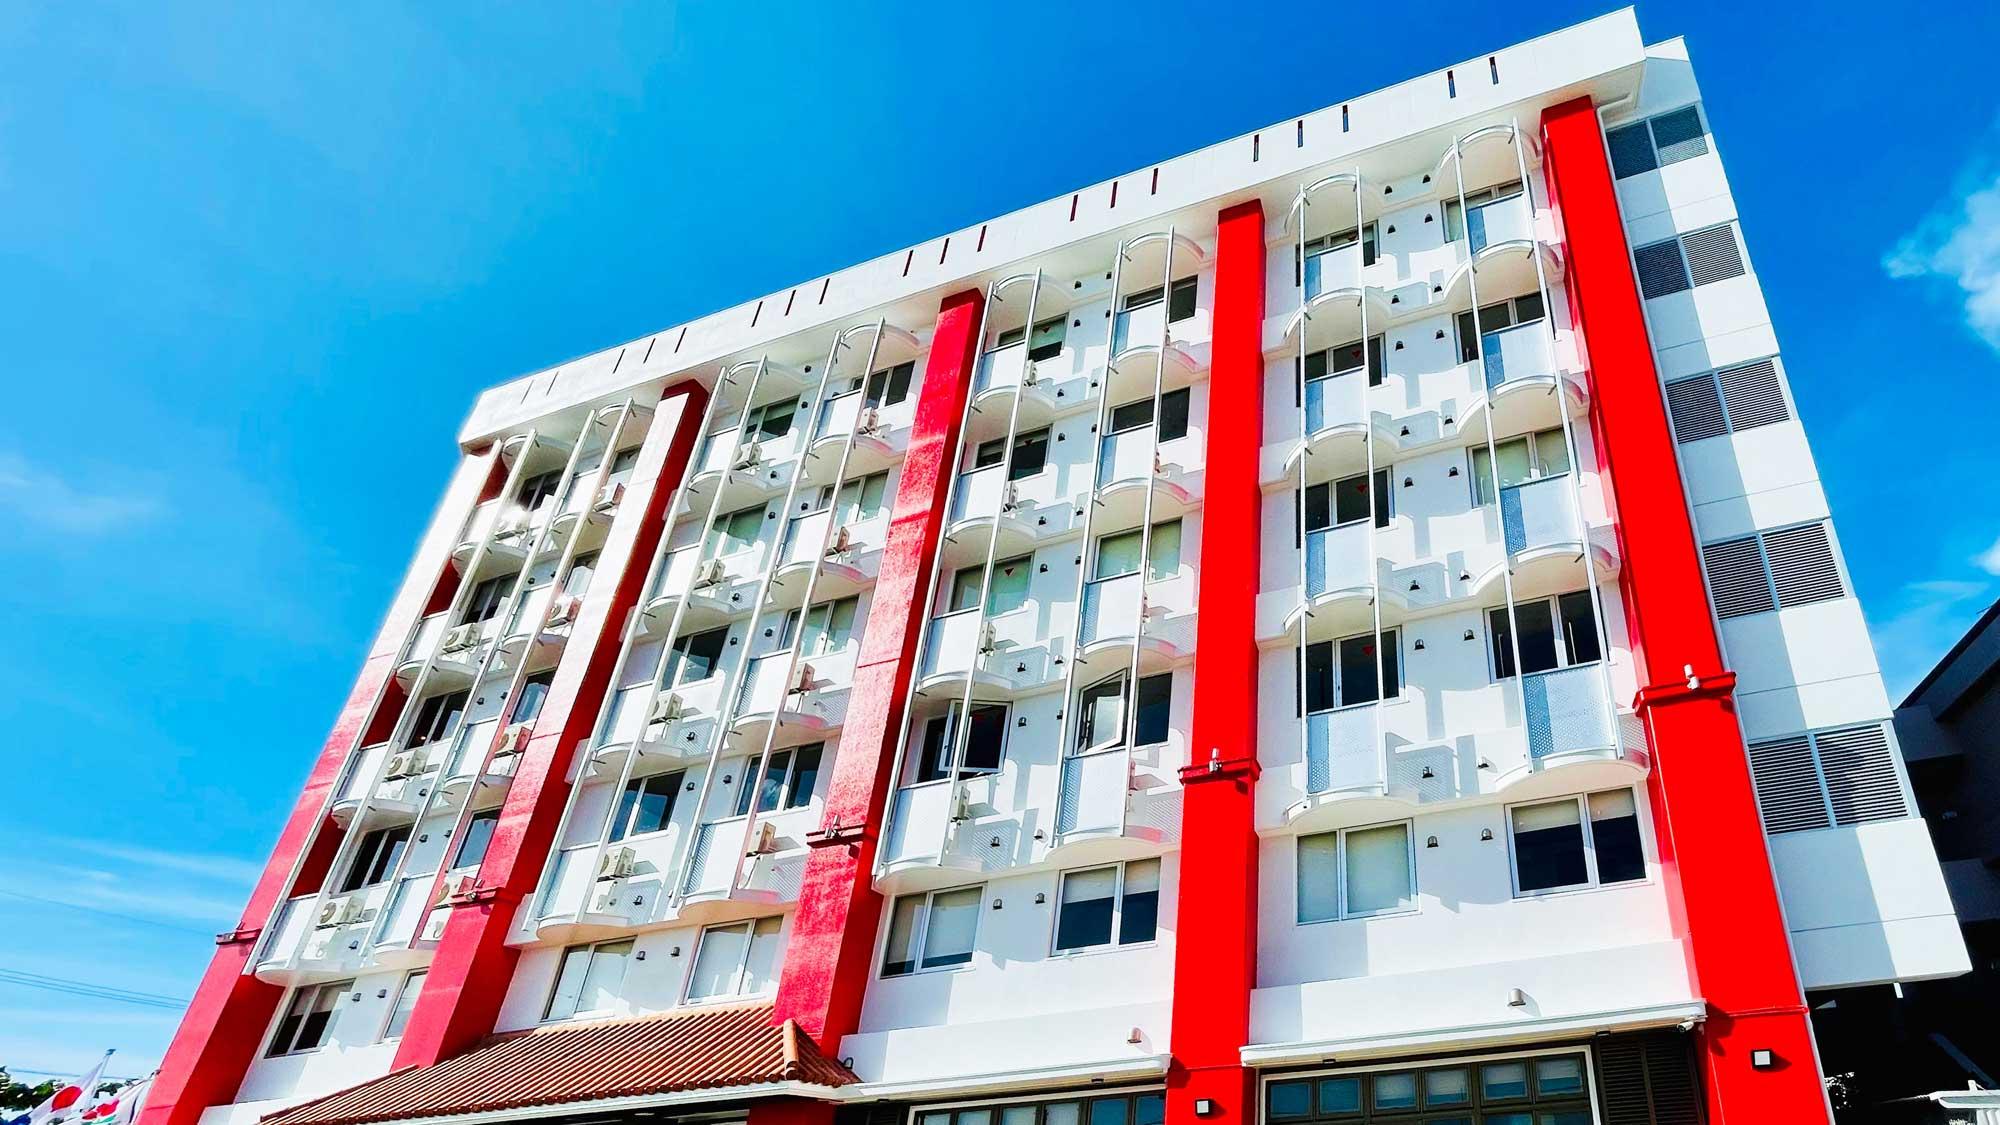 ホテルチューリップ石垣島 <石垣島> の写真